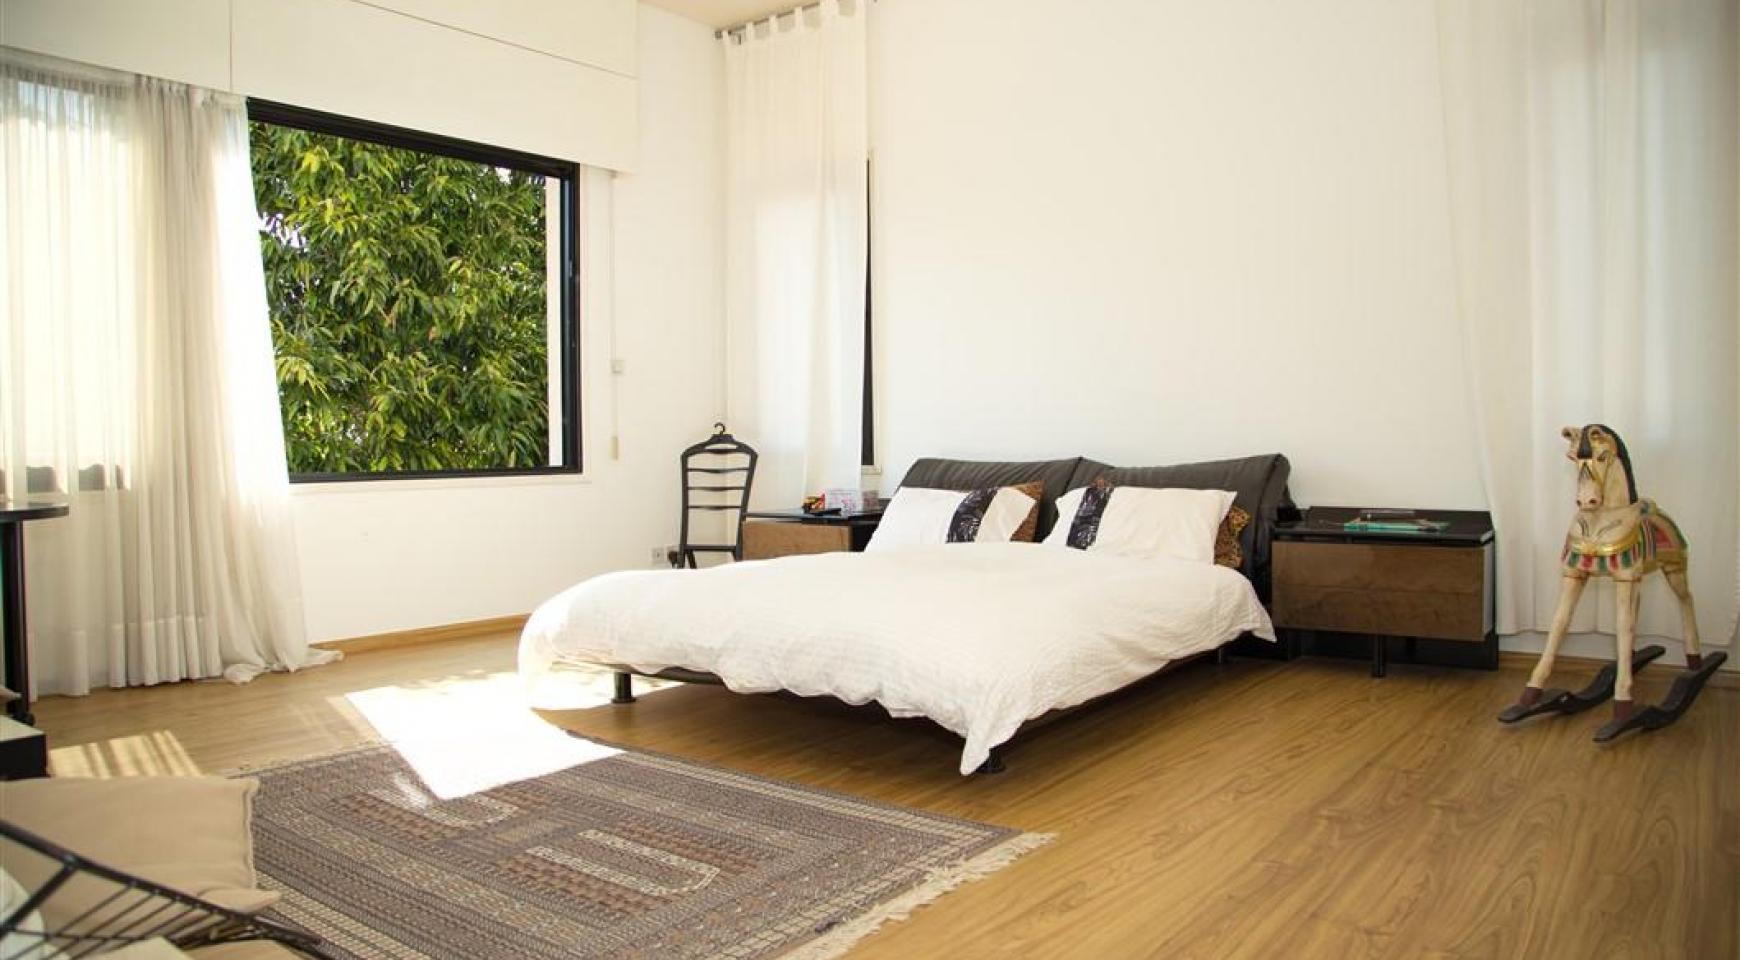 4-Спальная Вилла в Престижном Районе Гермасойя - 21